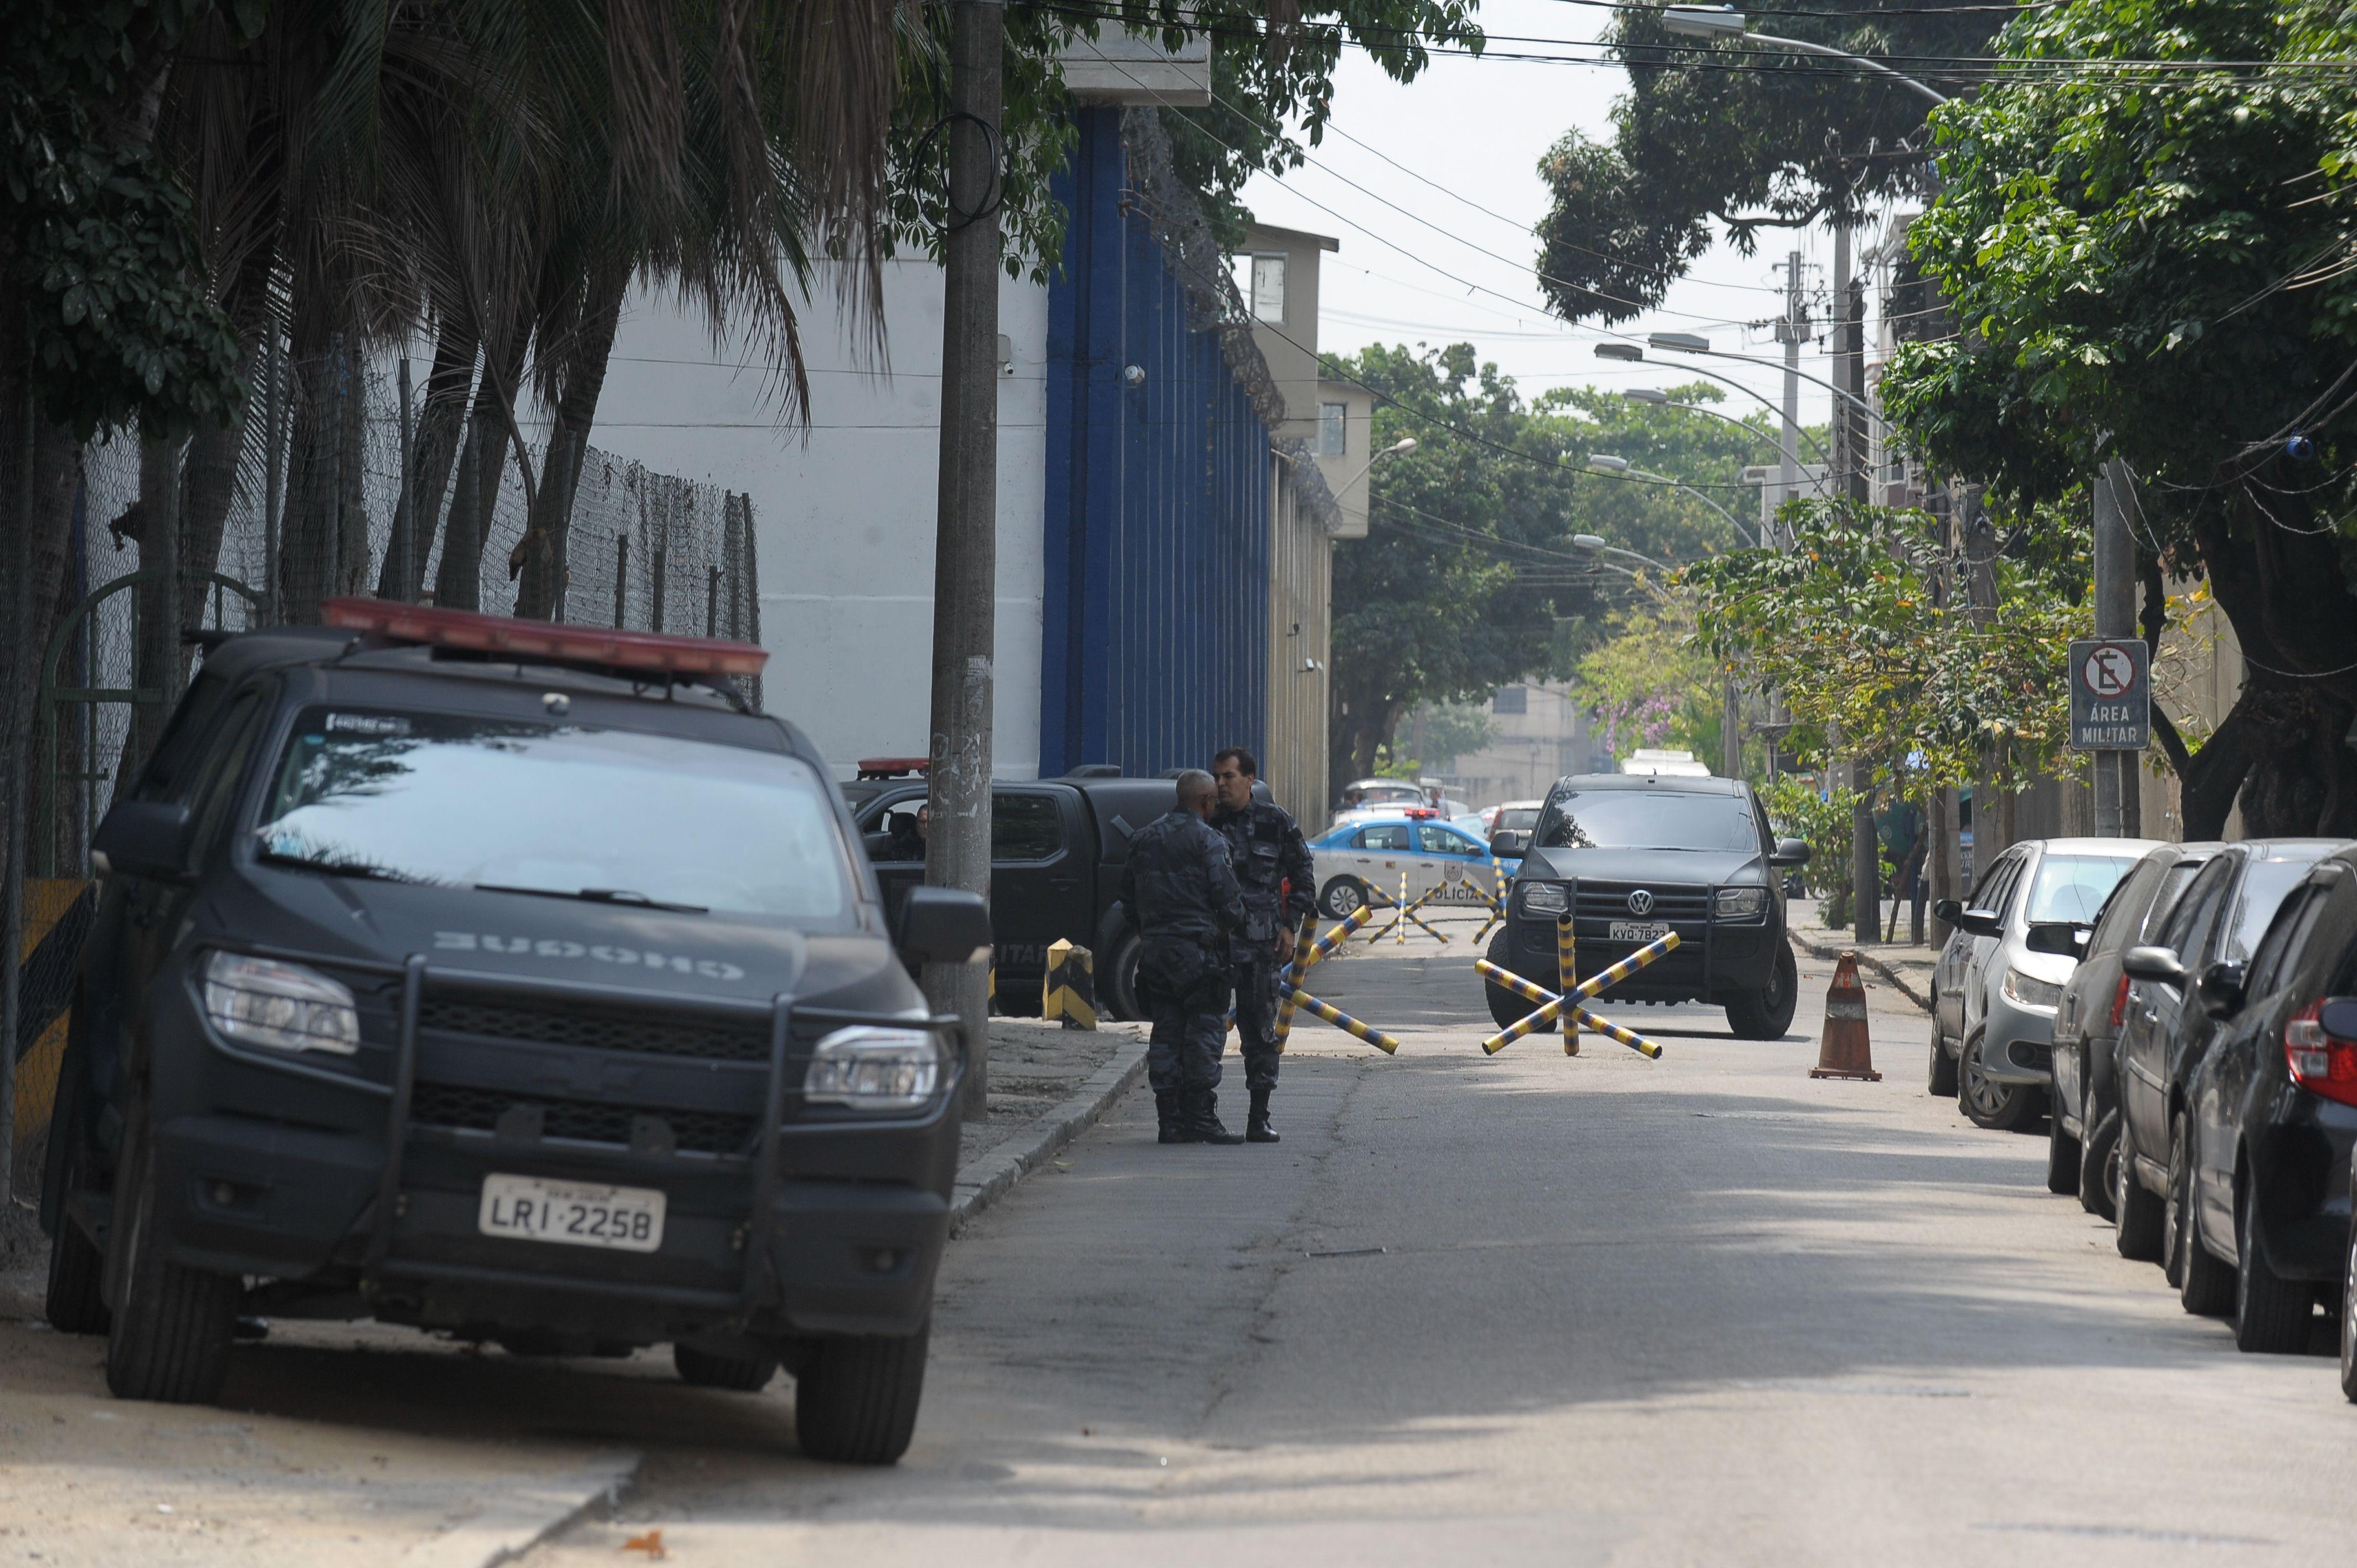 Veja o que saiu no Migalhas sobre Presídio José Frederico Marques